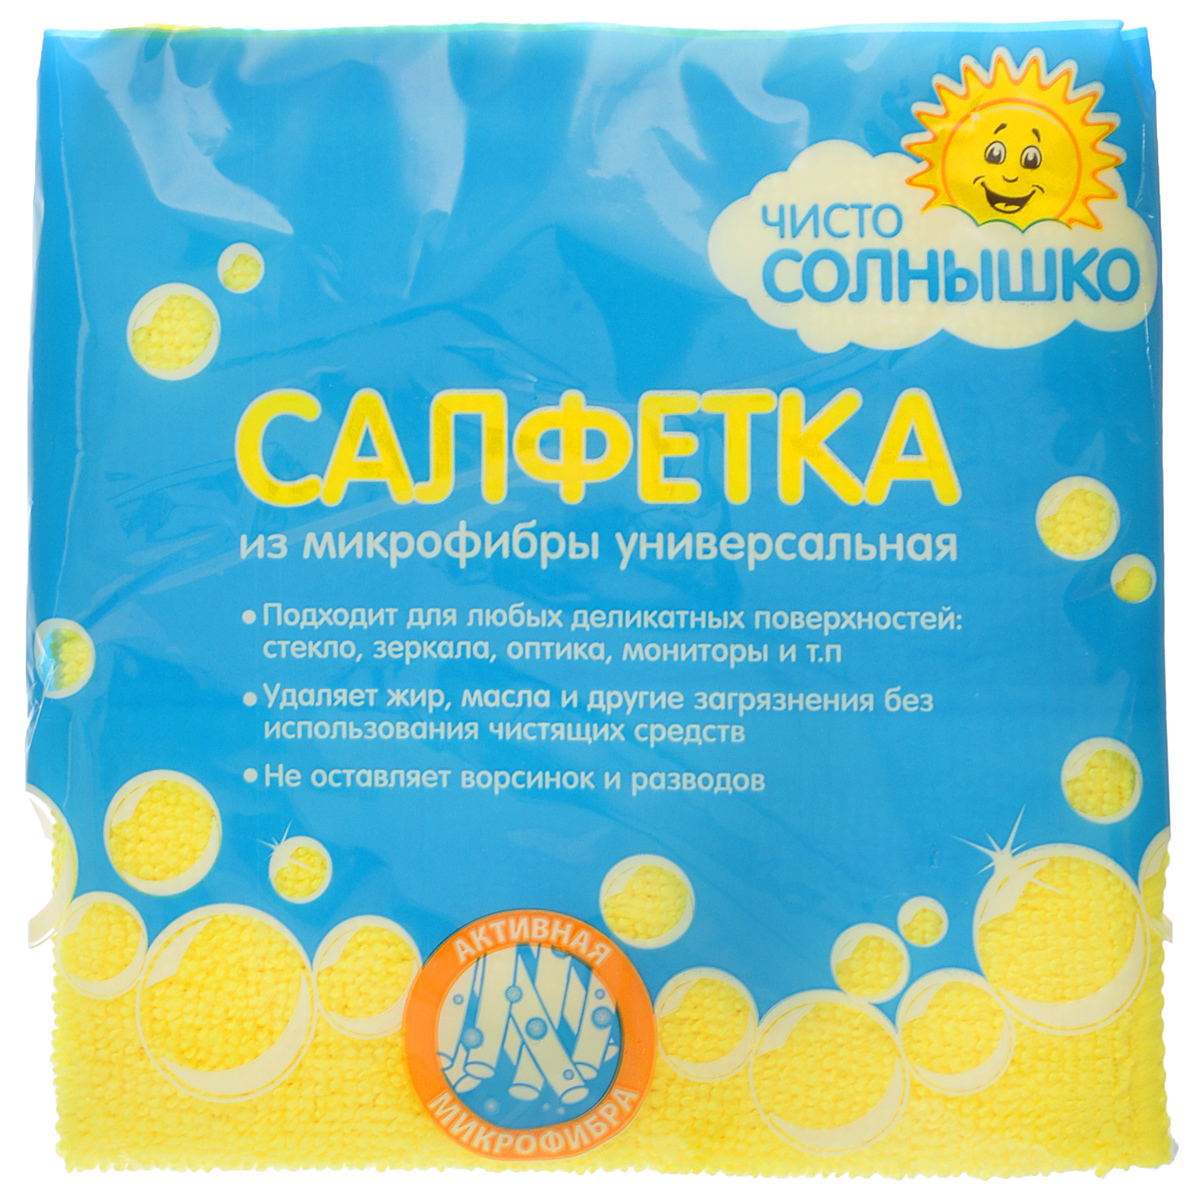 Салфетка из микрофибры Чисто Солнышко, цвет: желтый, 30 х 30 см салфетка универсальная сelesta из микрофибры цвет фиолетовый 30 х 30 см